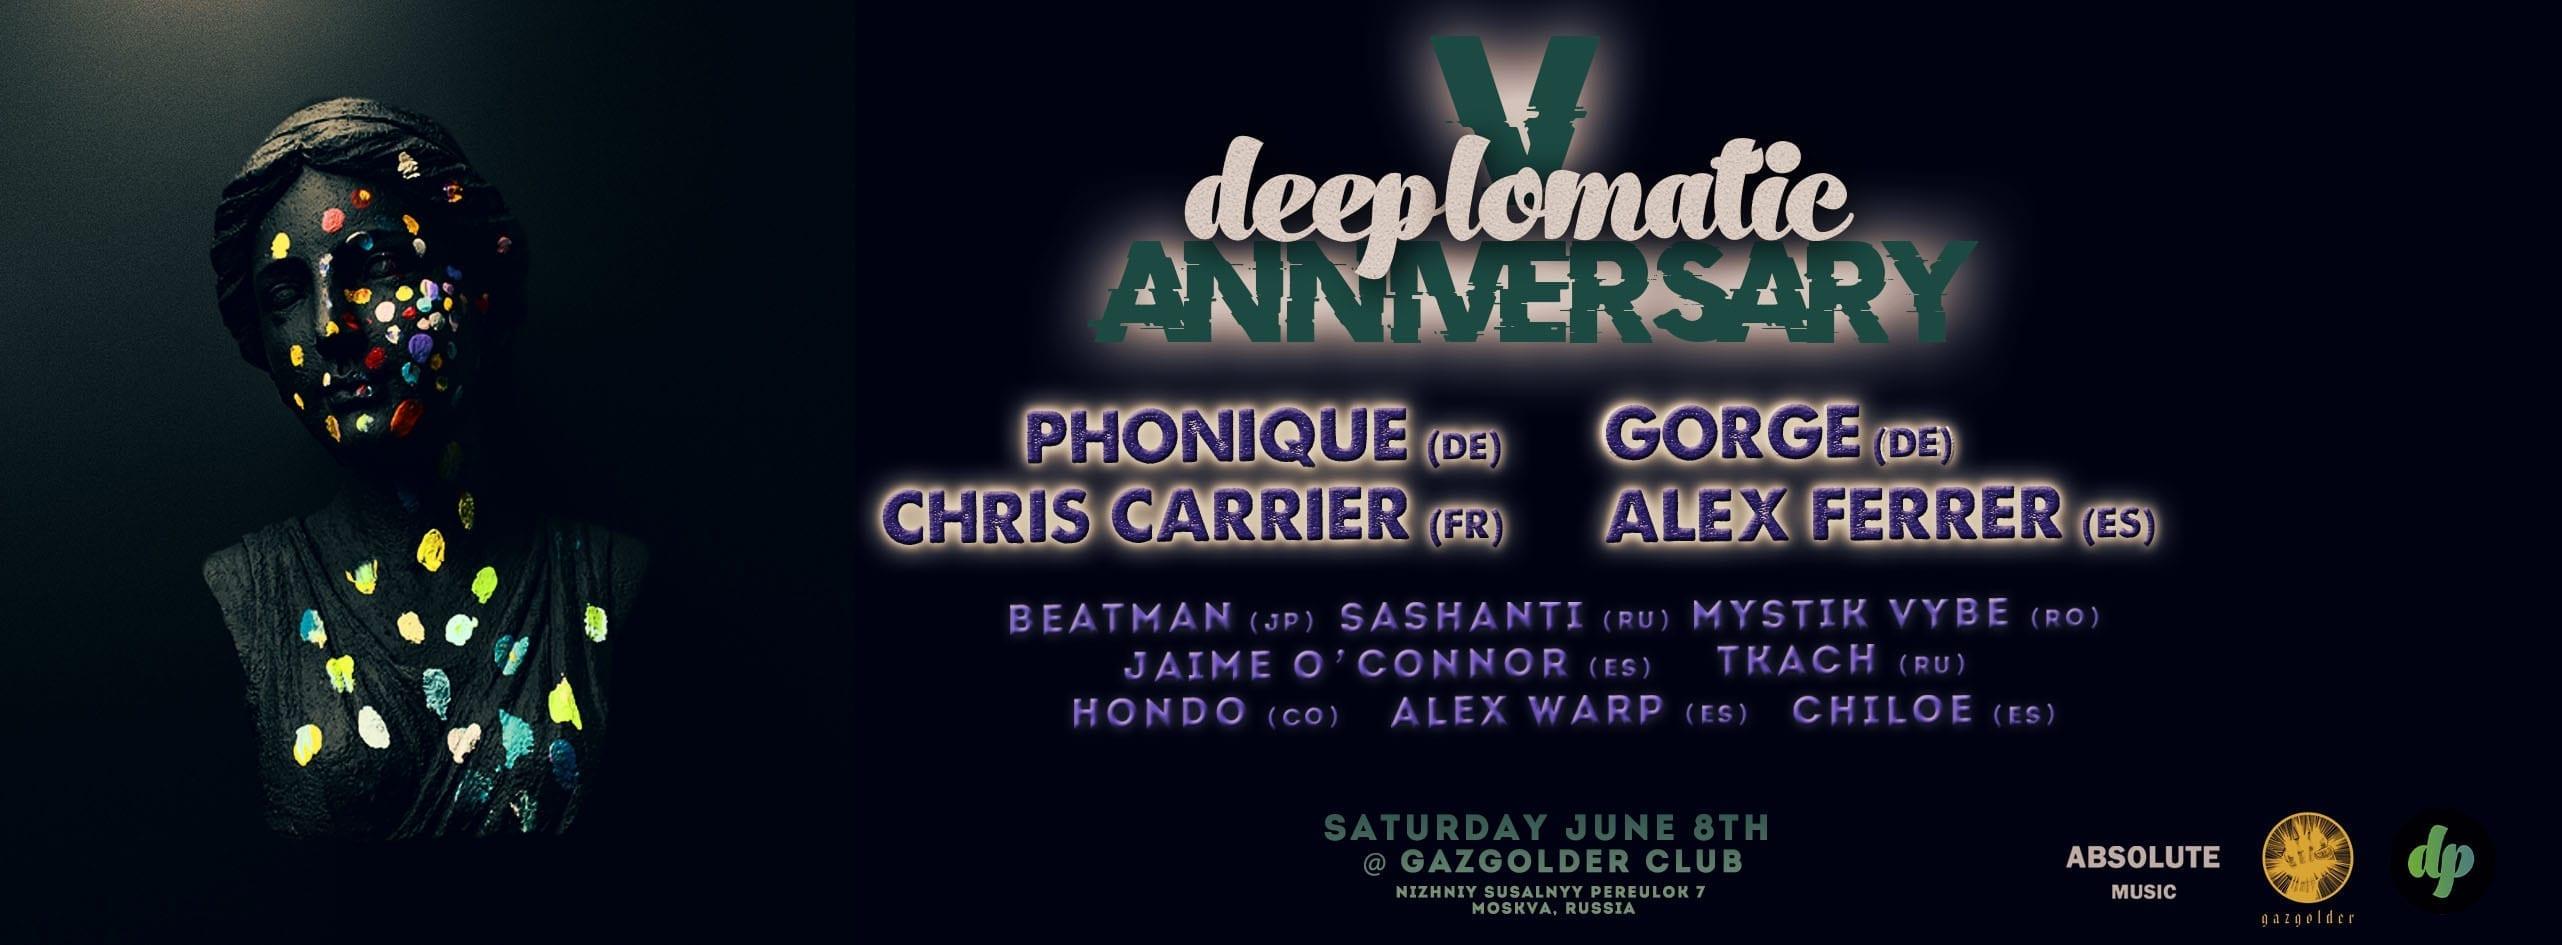 Deeplomatic V Anniversary